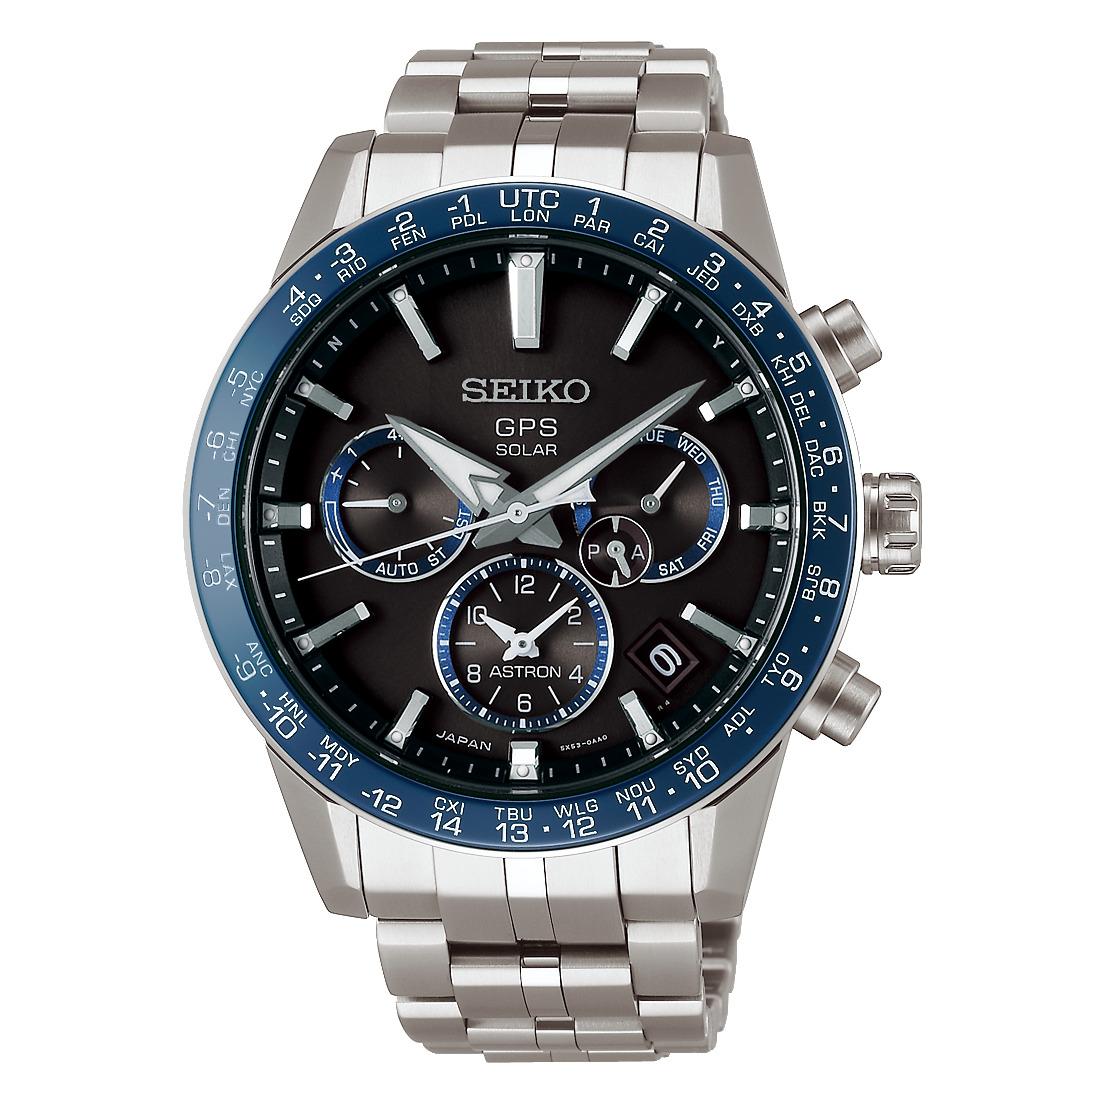 正規品 SEIKO セイコー ASTRON アストロン SBXC001 5xシリーズ 腕時計